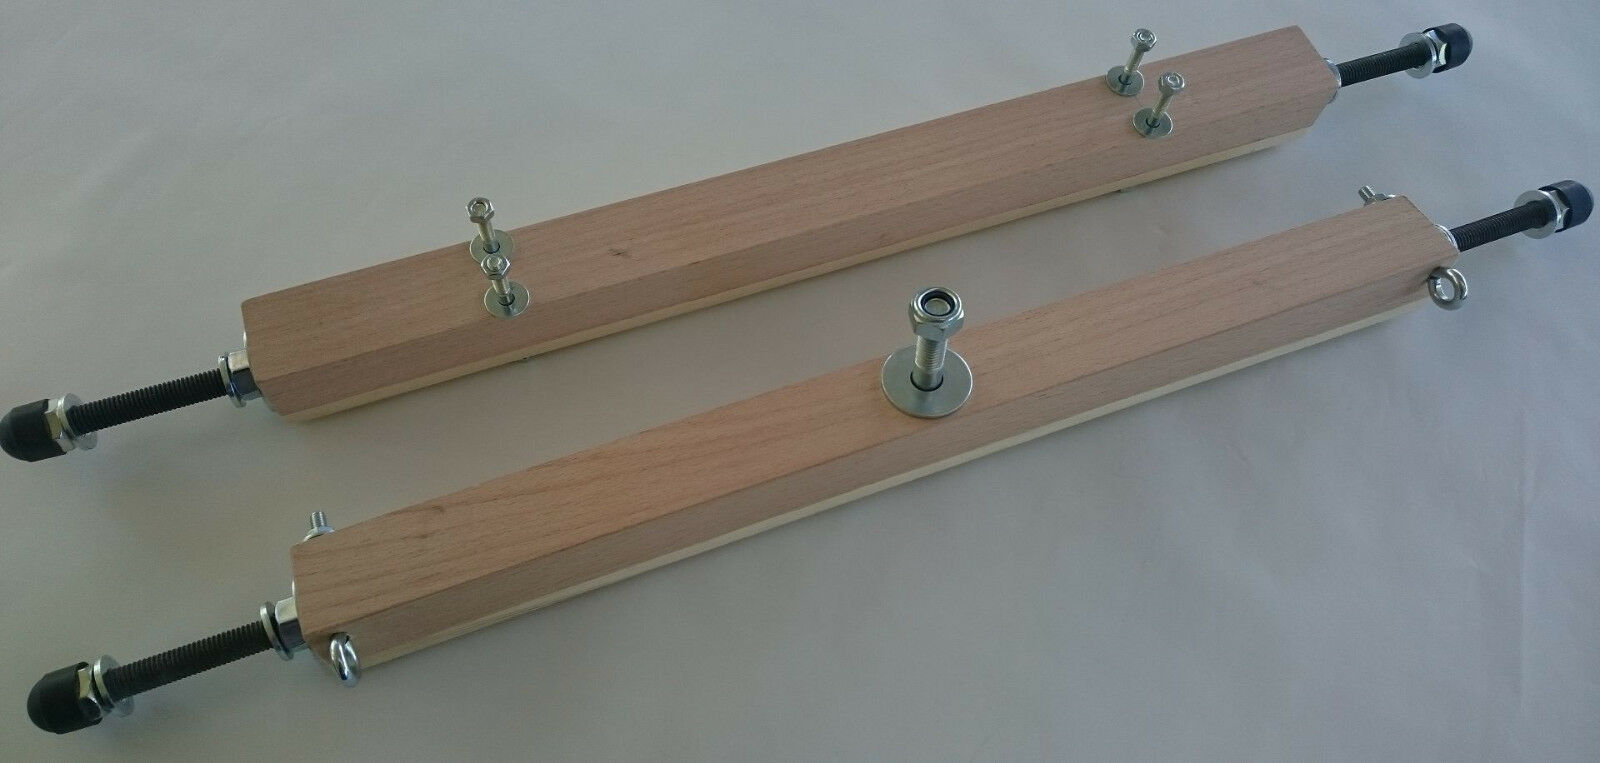 Drogada madera-ejes set 580 ancho 580 set mm a24b48